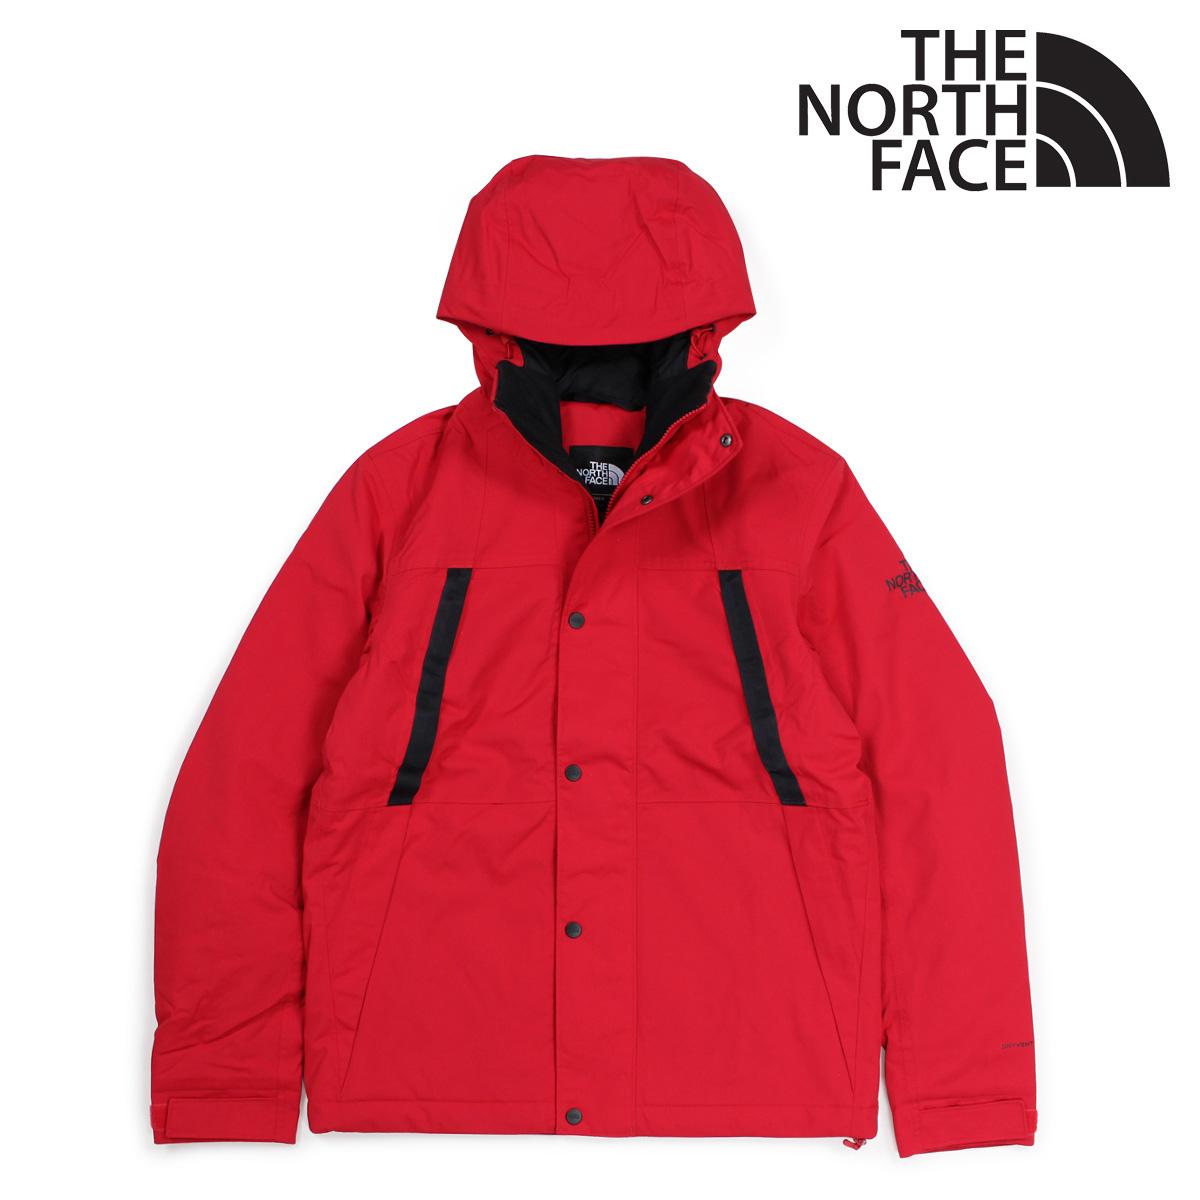 THE NORTH FACE ノースフェイス ジャケット レインジャケット メンズ MENS STETLER INSULATED RAIN JACKET レッド NF0A3EQ8